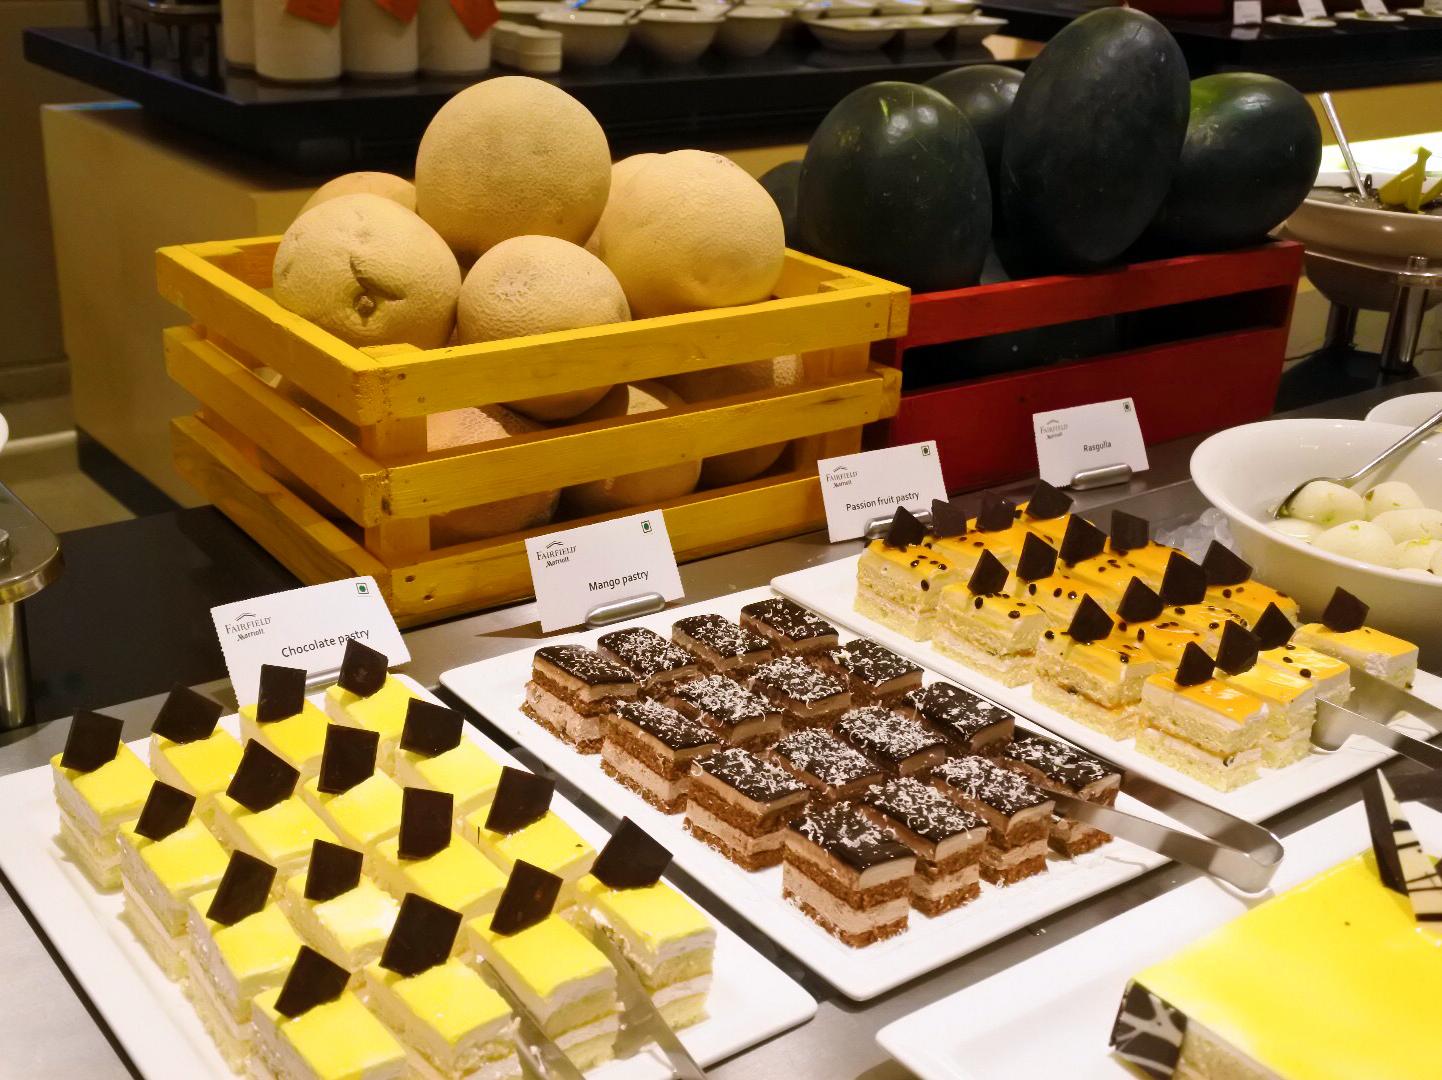 Fabulous dessert counter